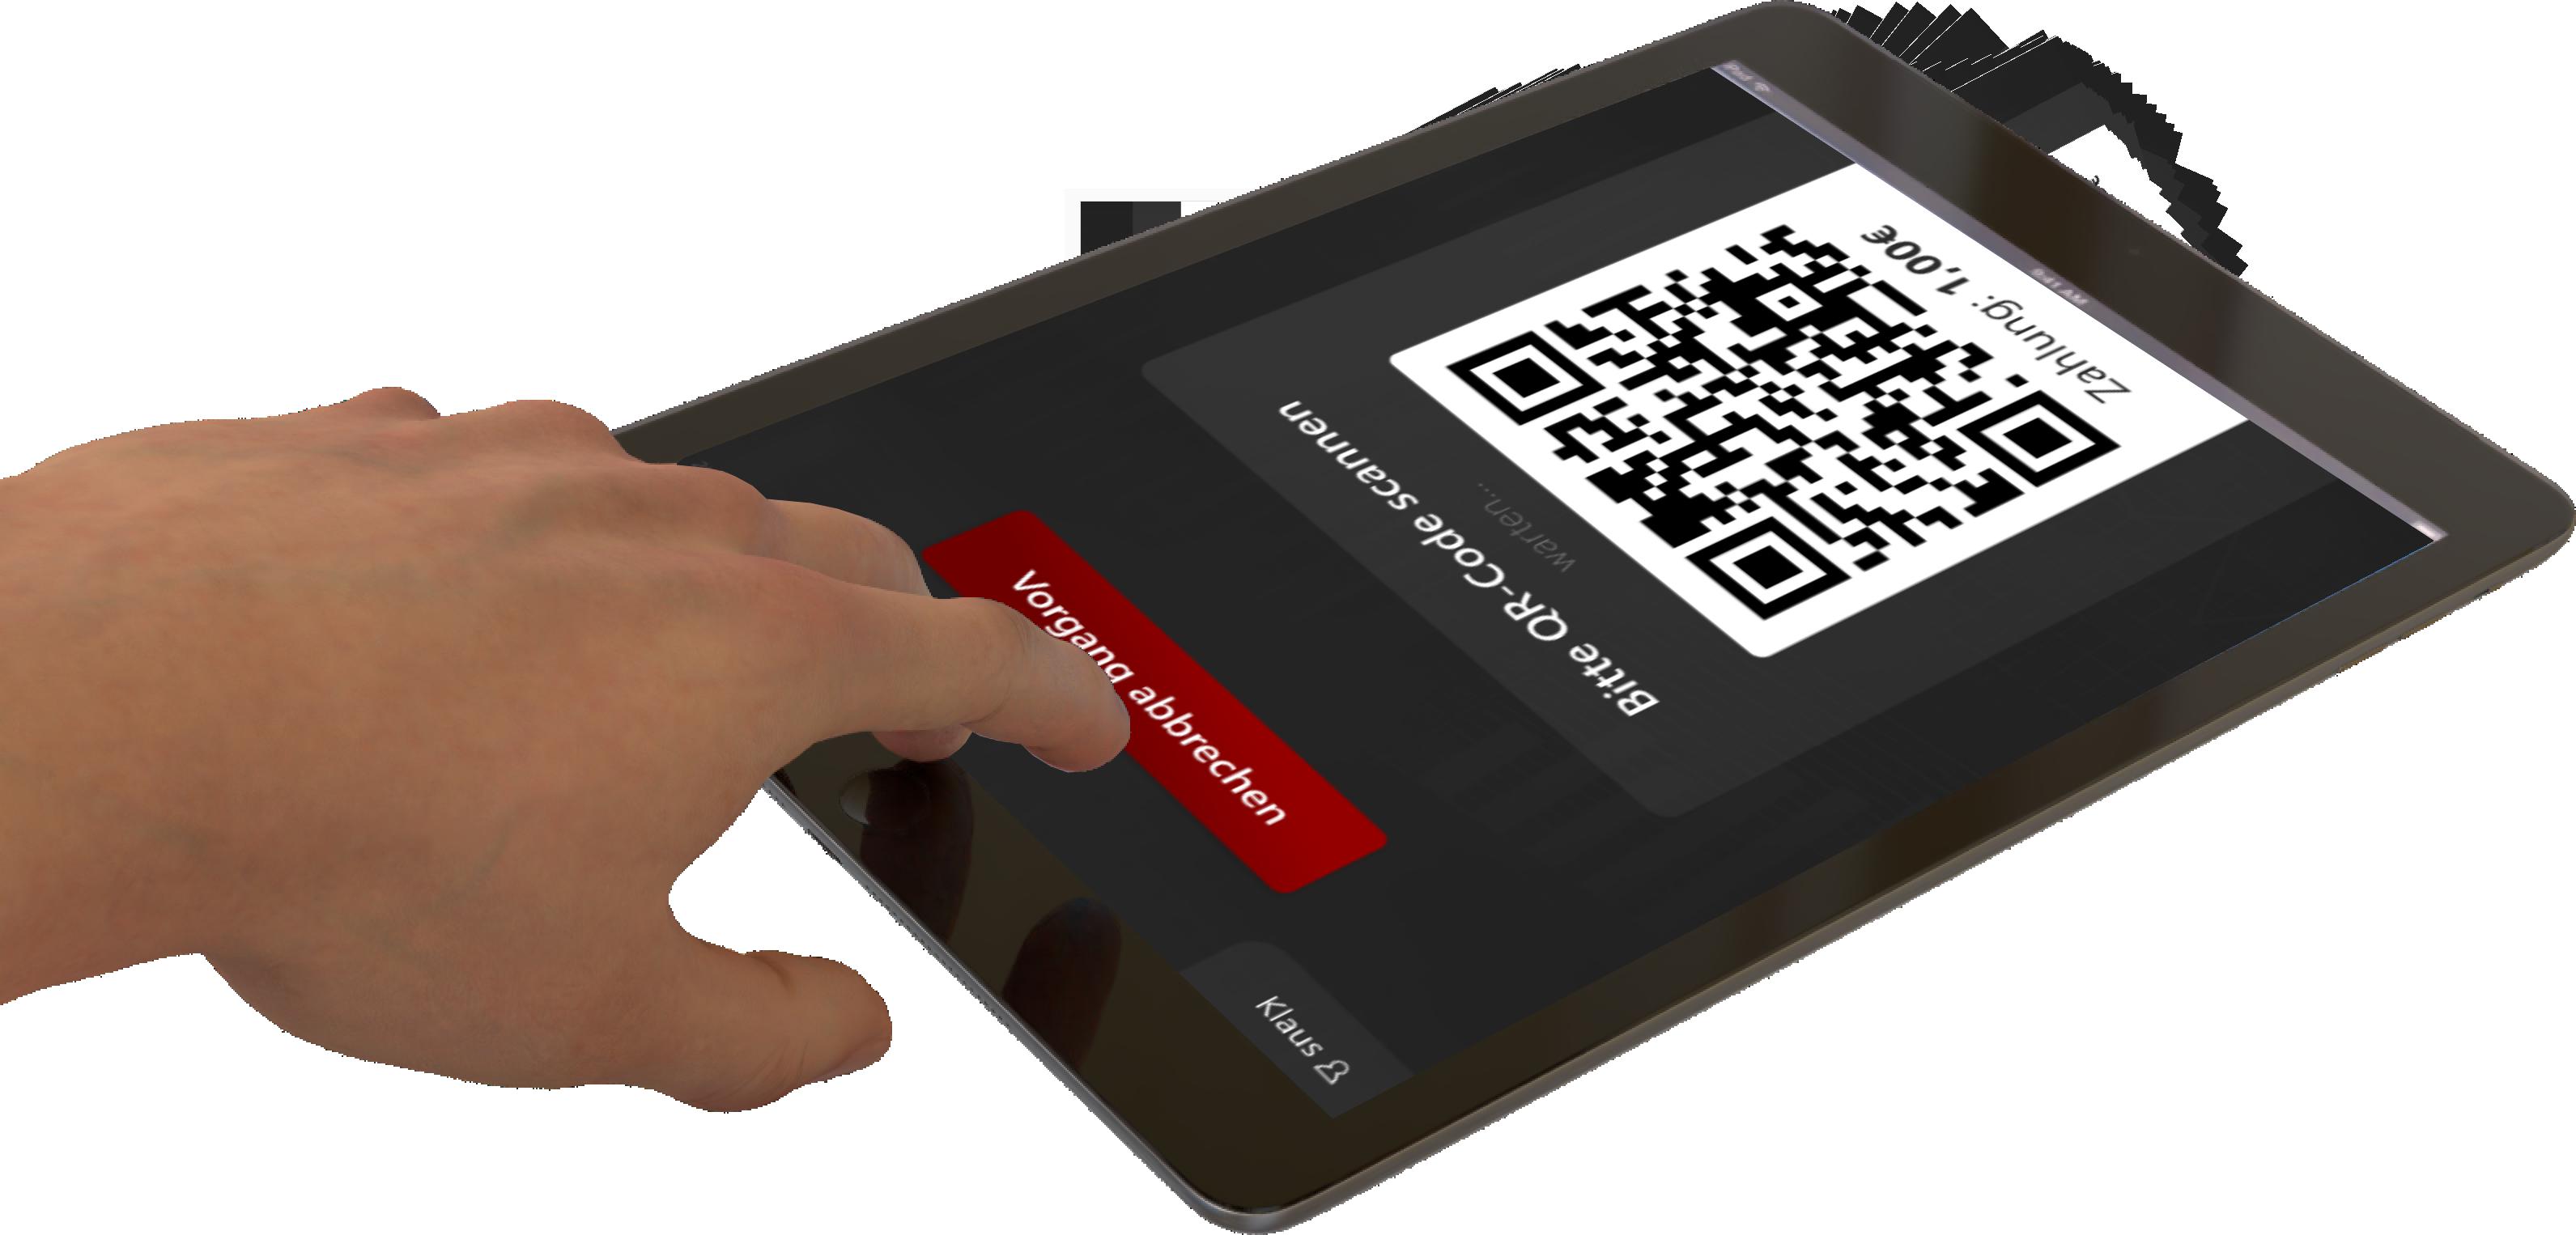 QR-Code wird automatisch für die Bezahlung von QRPay24 am Tablet erzeugt